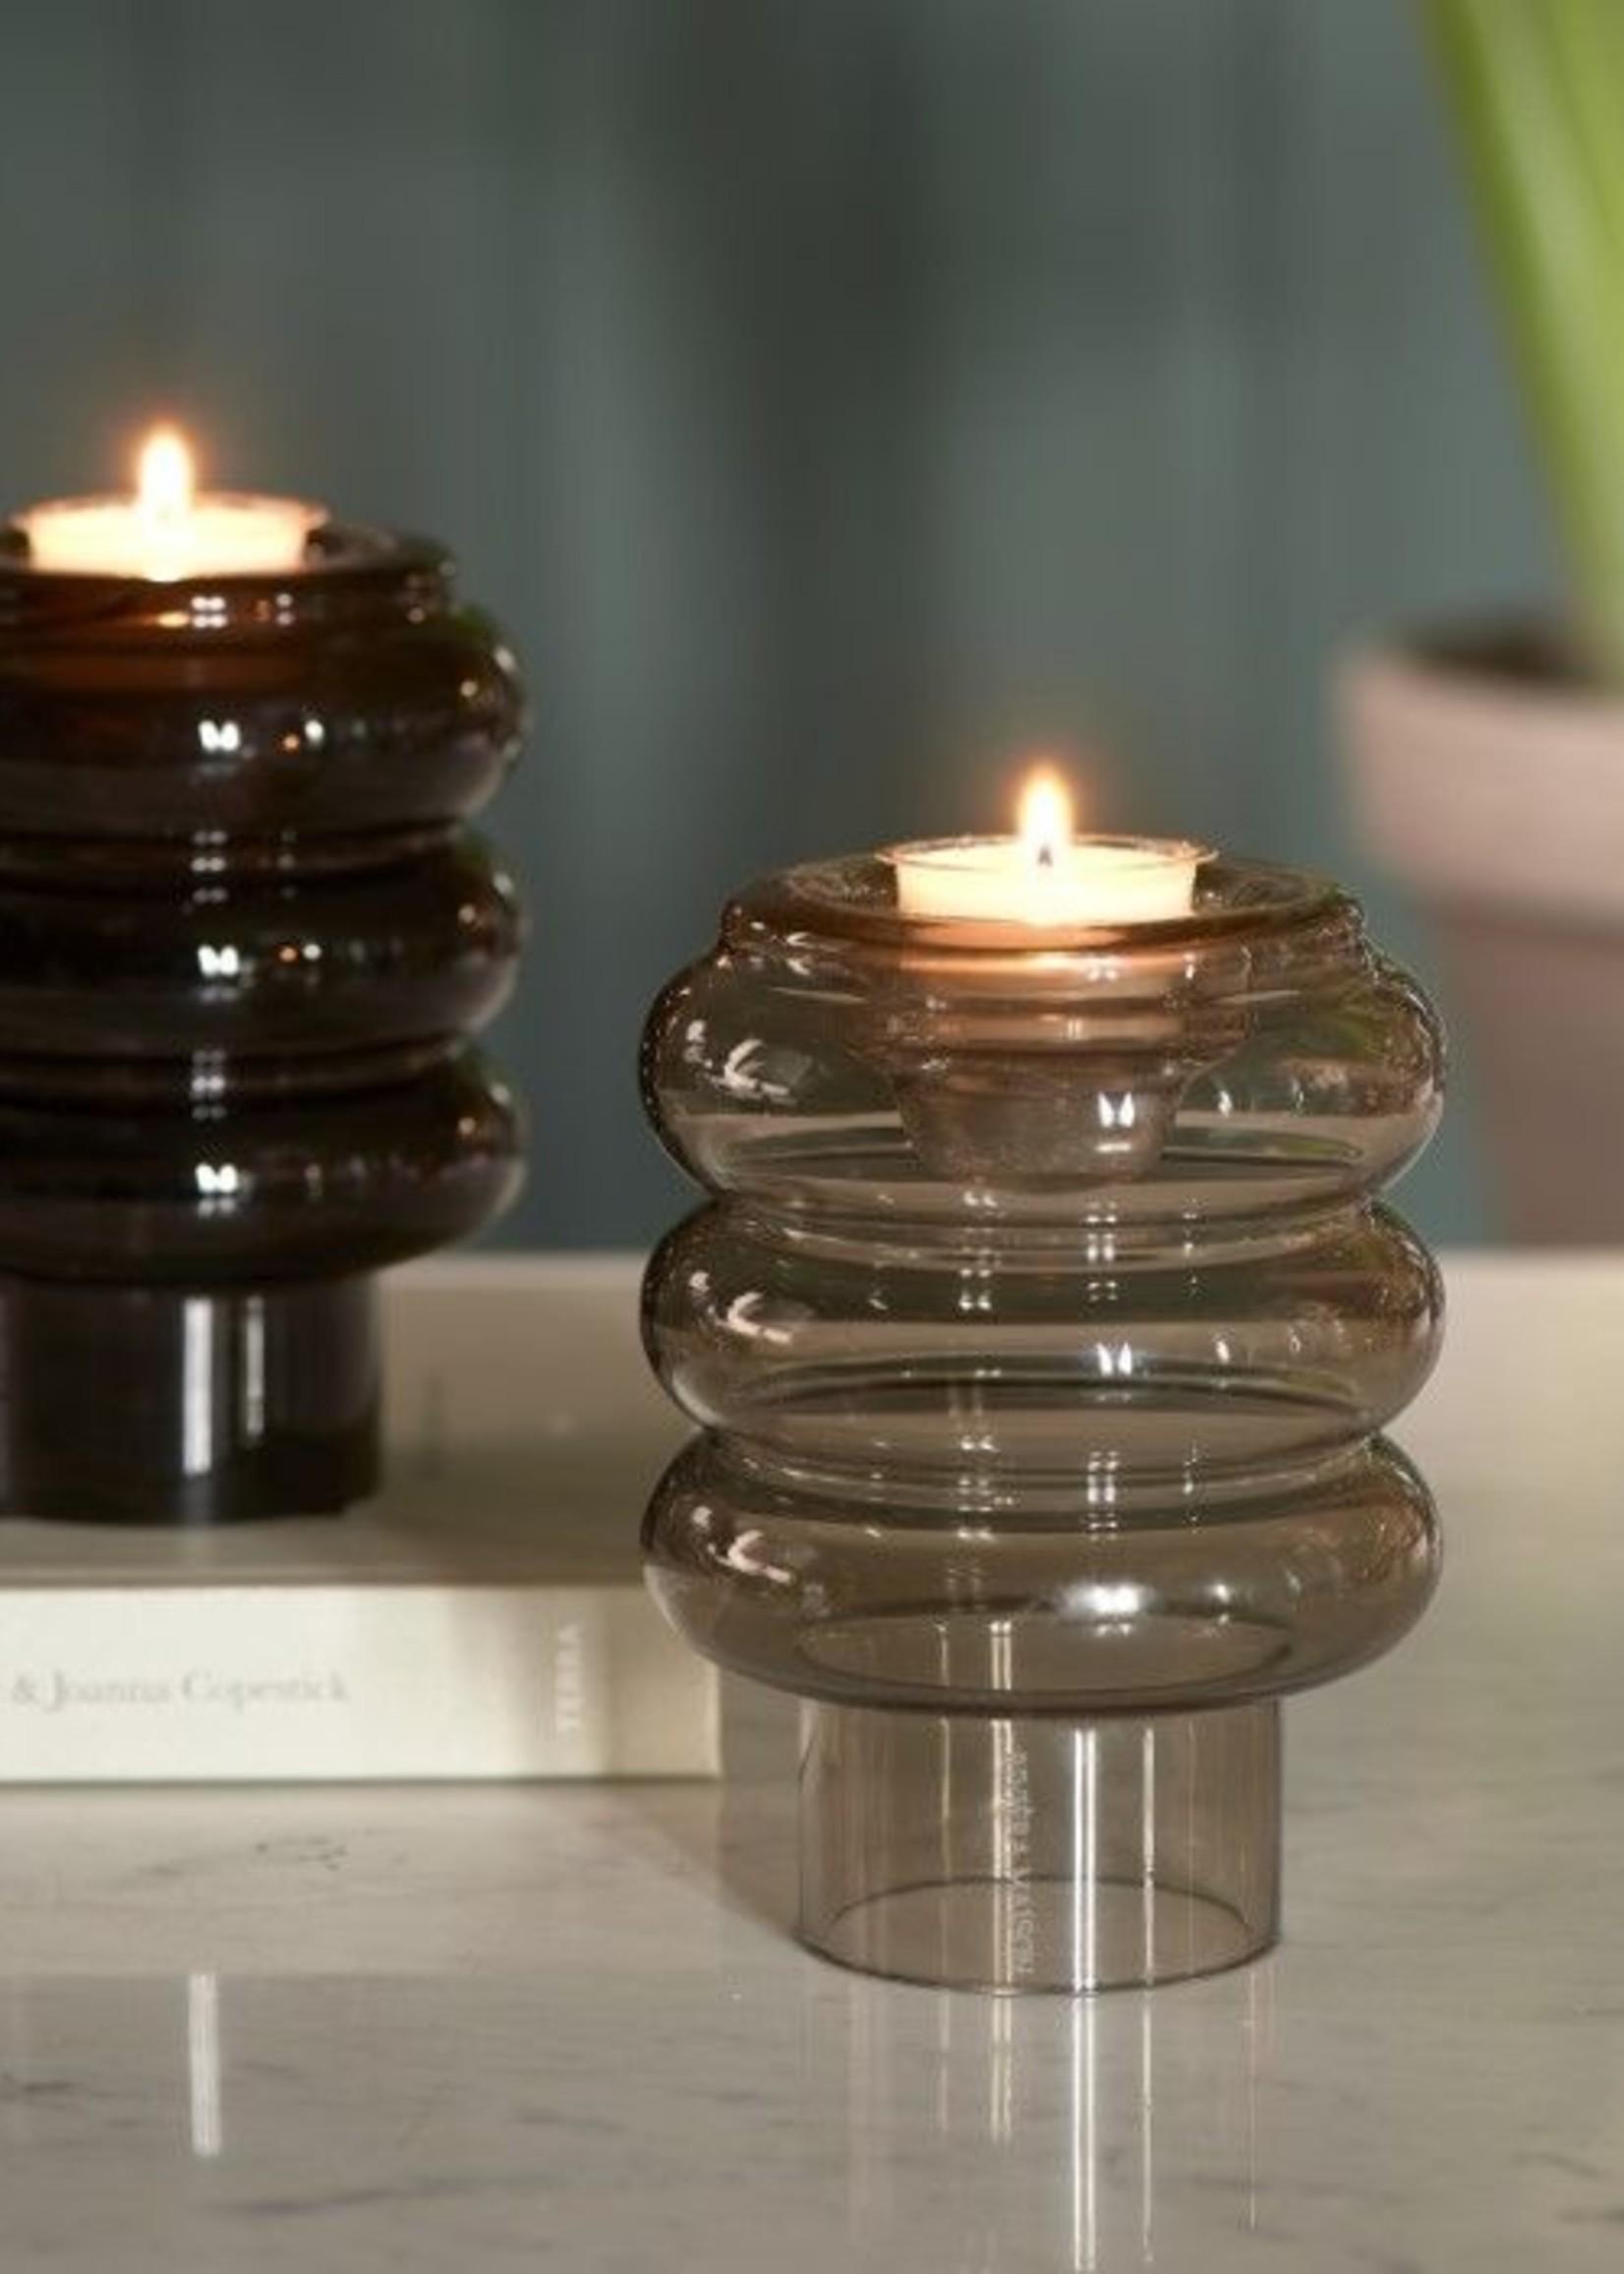 Riviera Maison Multiple Candle Holder Vase black